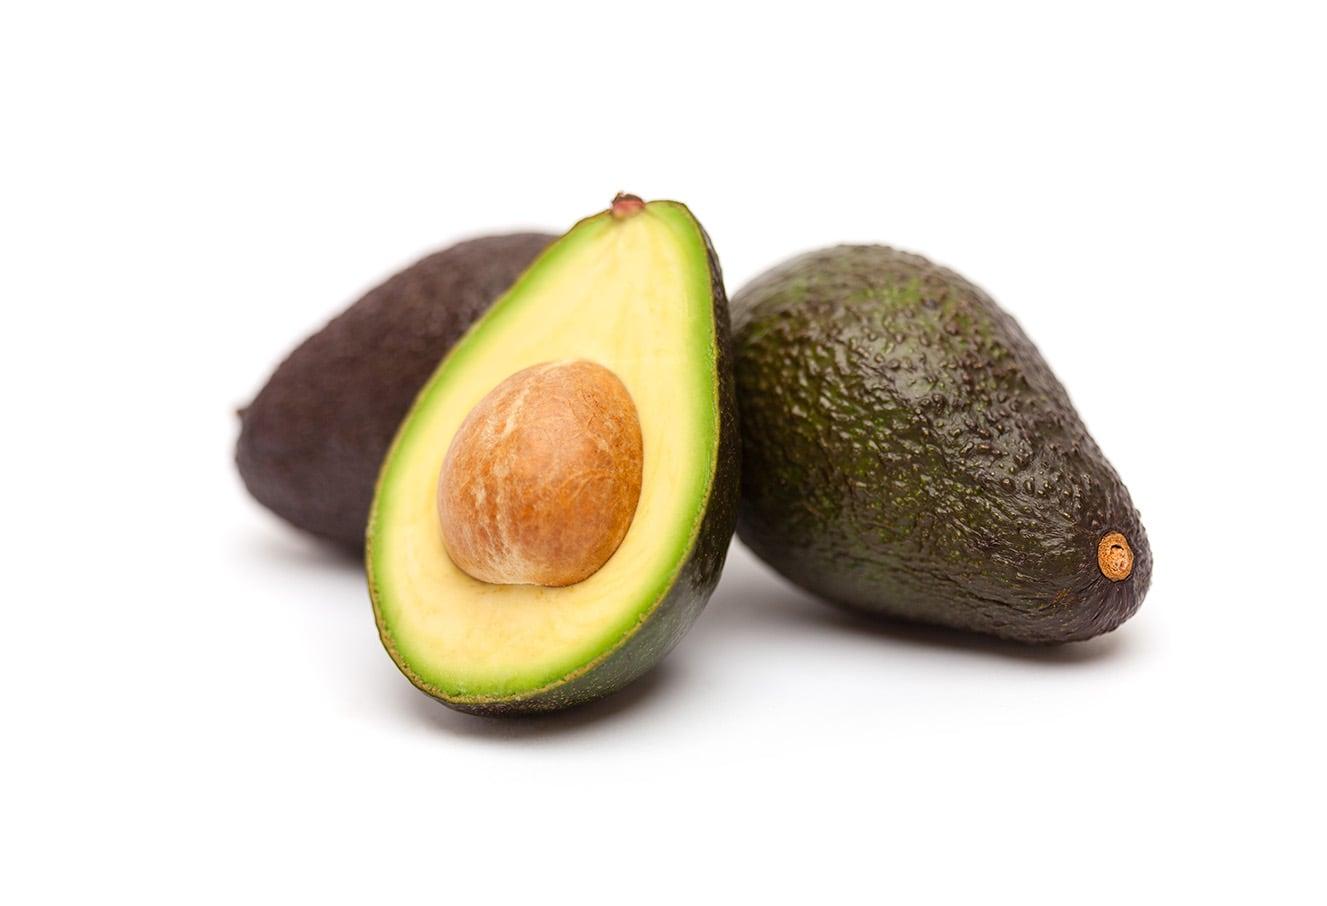 Actueel: Week 32 – Avocado's Natuurlijk Vers & Kruisbessen